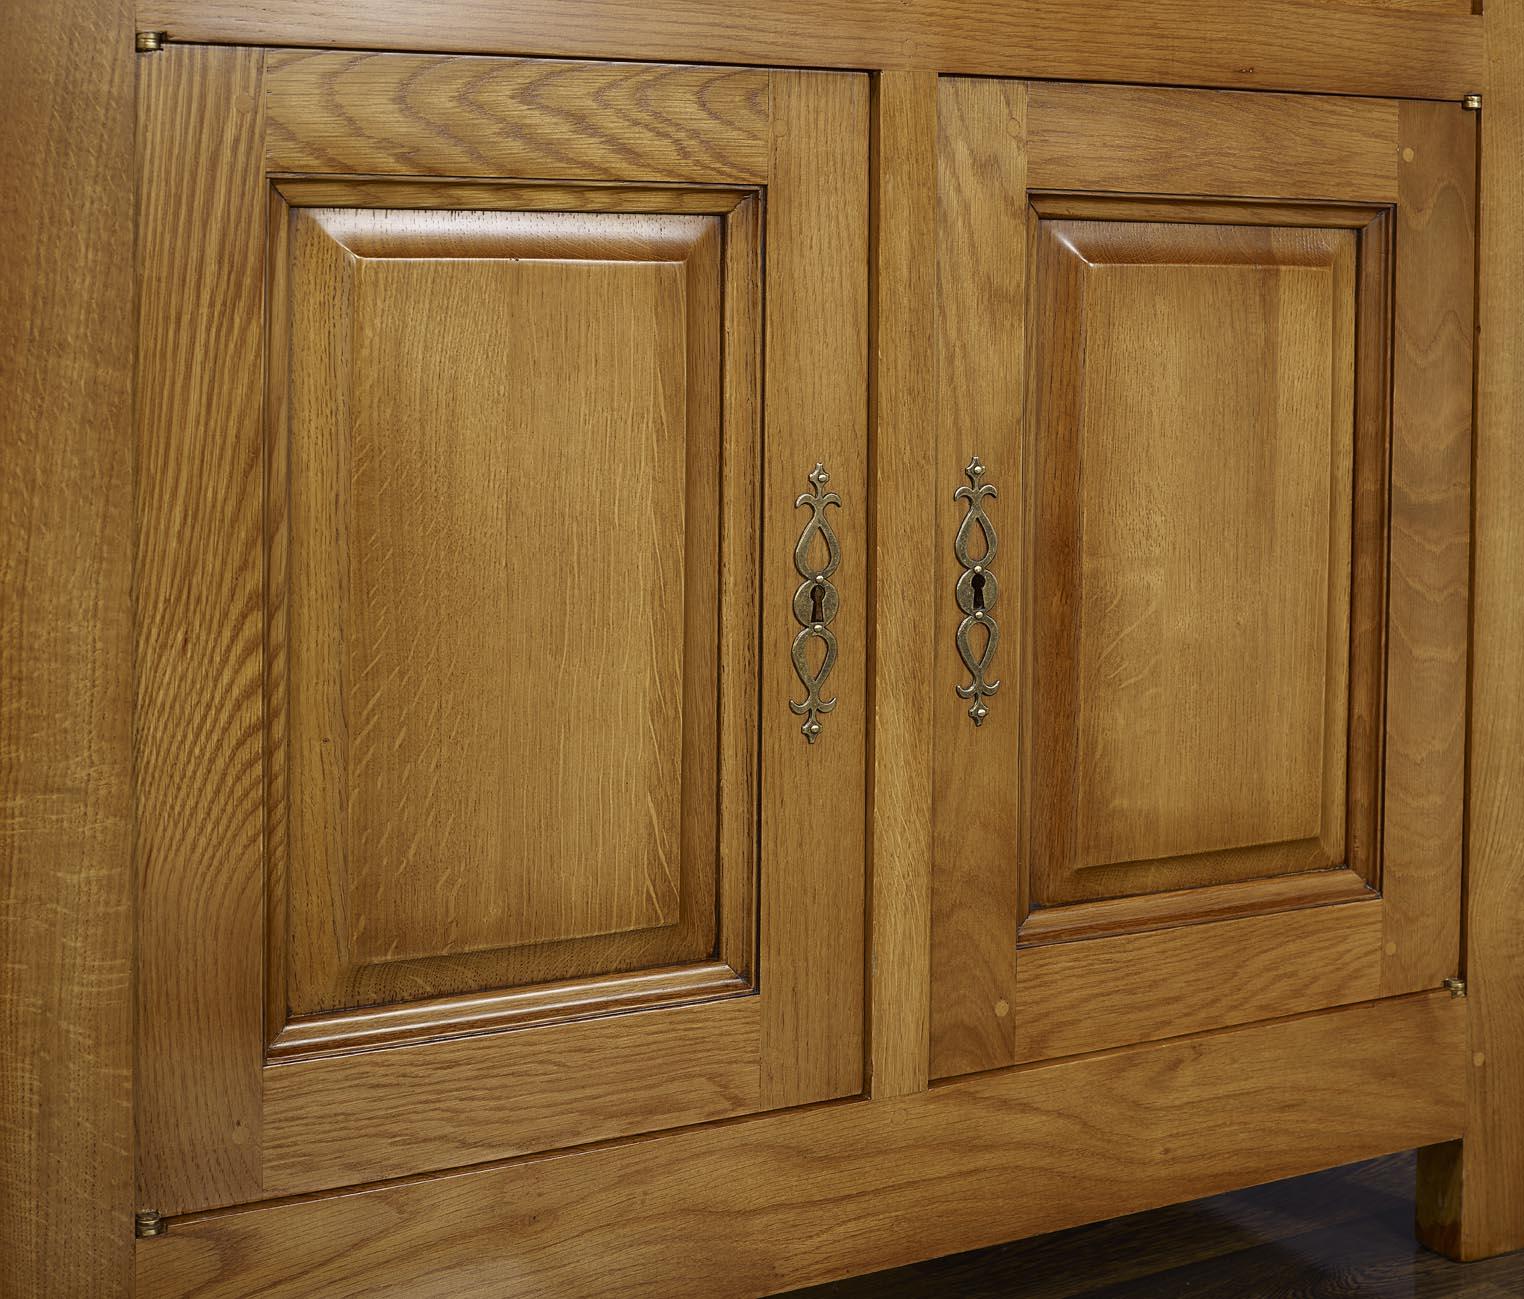 Petit buffet 2 portes 2 tiroirs en ch ne massif de style for Petit meuble bas 2 portes